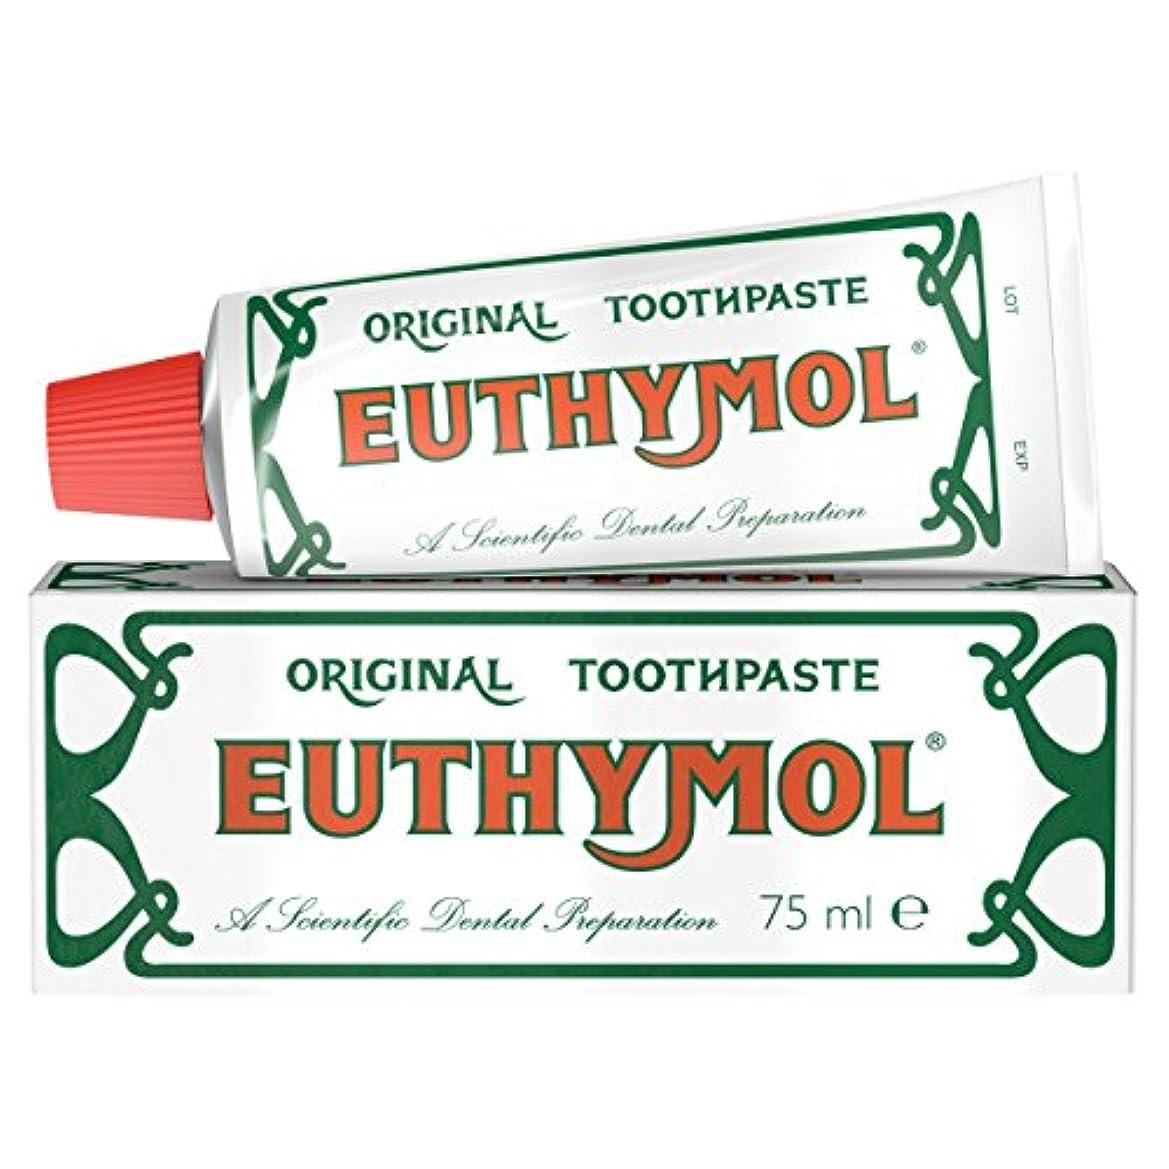 不快マネージャー信号Euthymol オリジナル歯磨き粉 75ml 並行輸入品 Euthymol Original Toothpaste 75 Ml